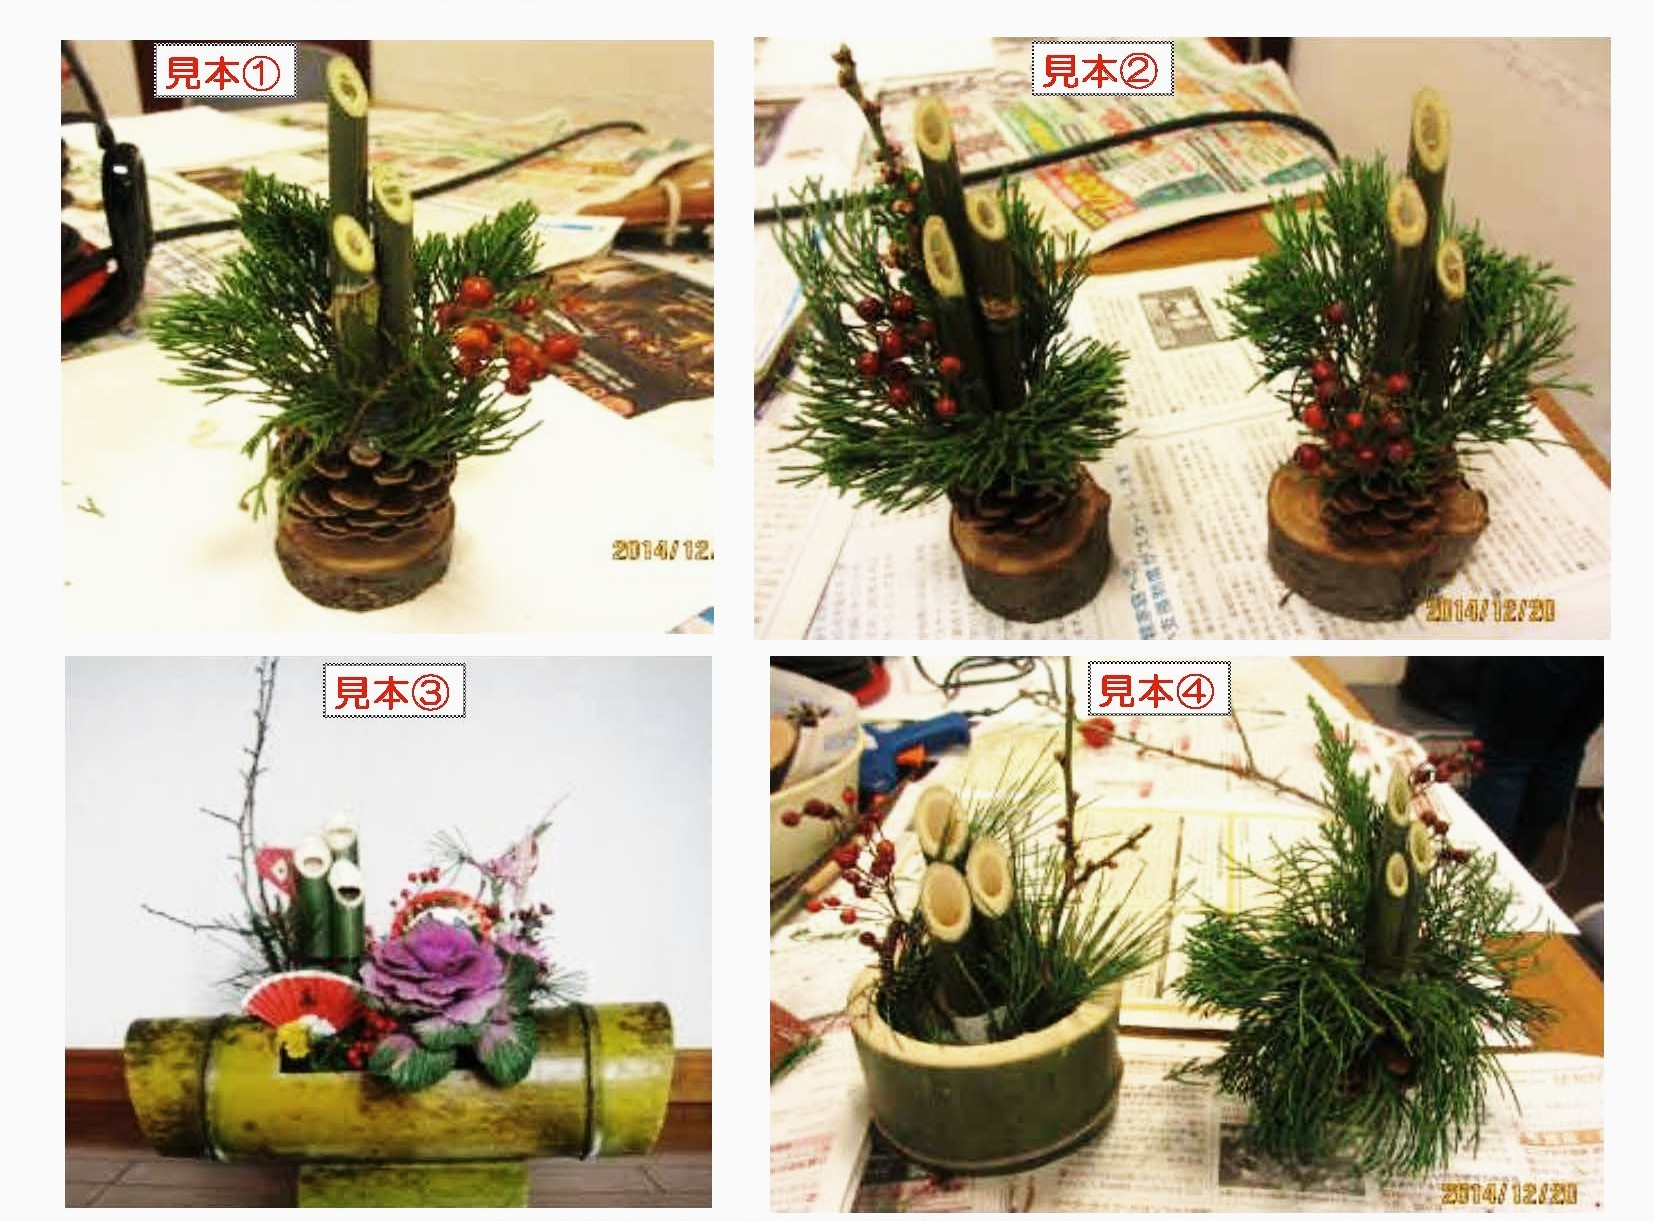 【きぬたまの家】クリスマスツリーとお正月飾りを作ろう_c0120851_22471239.jpg